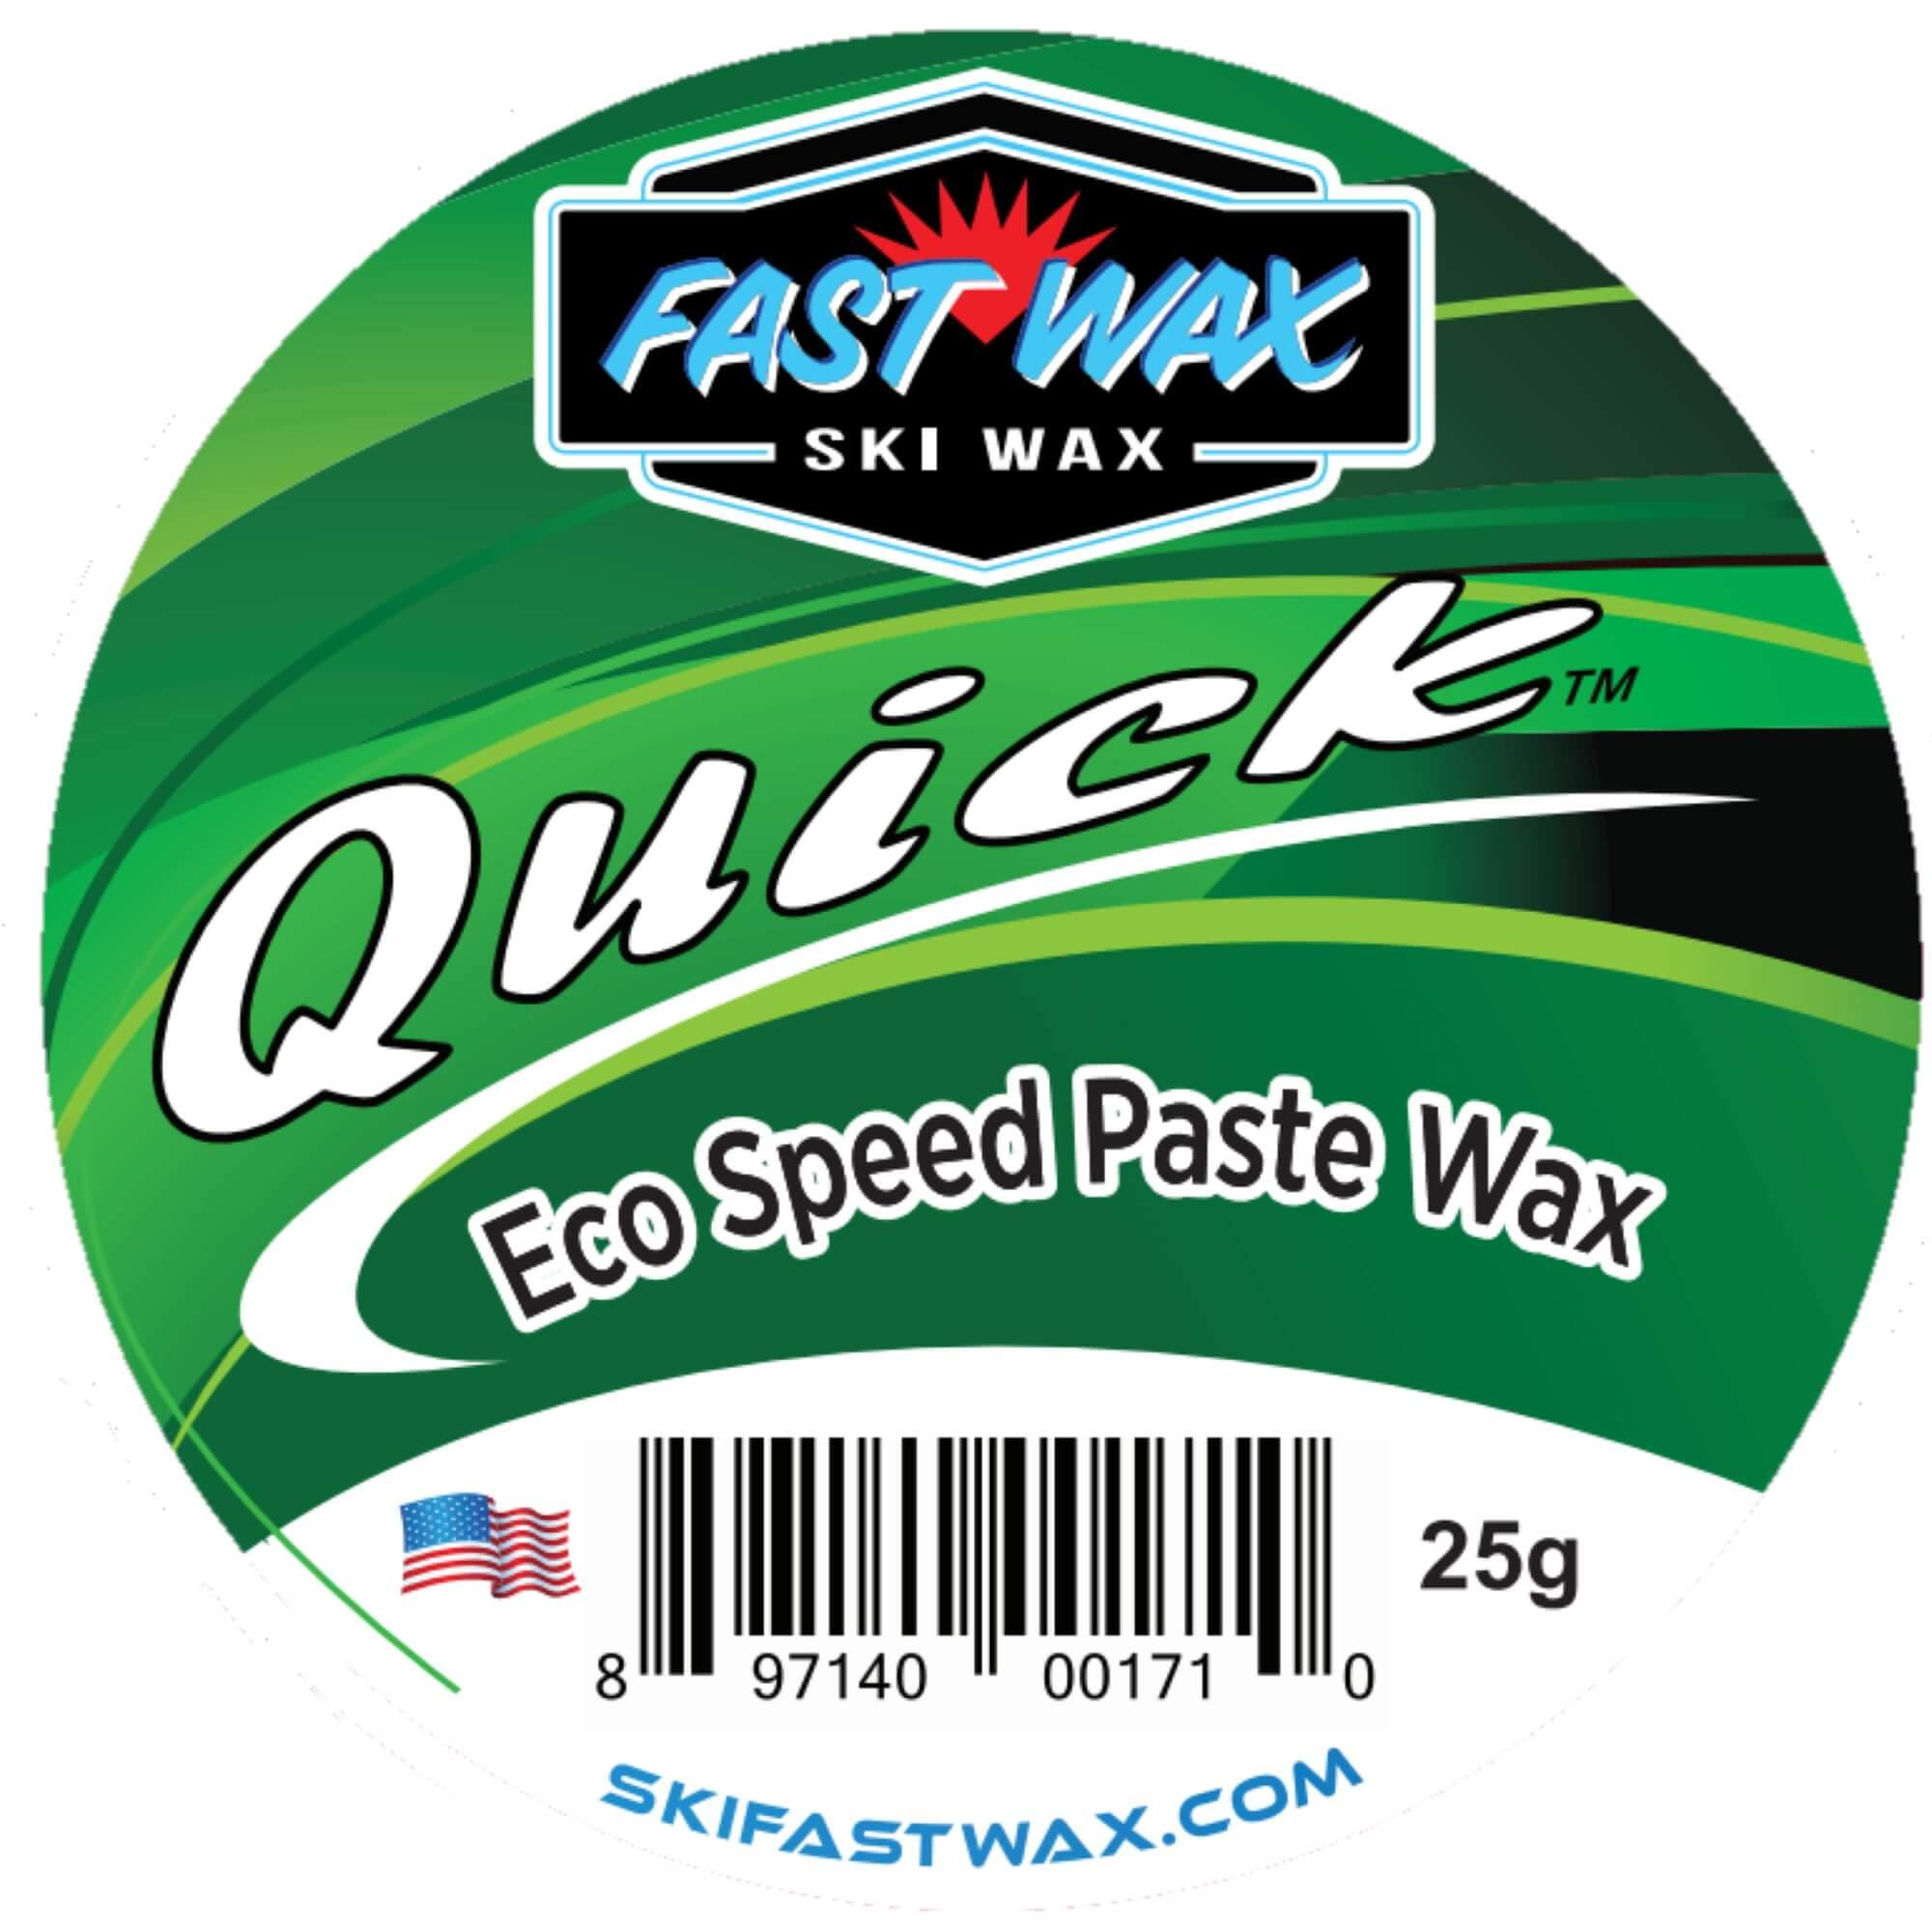 Box of 5 Green Fast Wax DataWax Wipes Ski